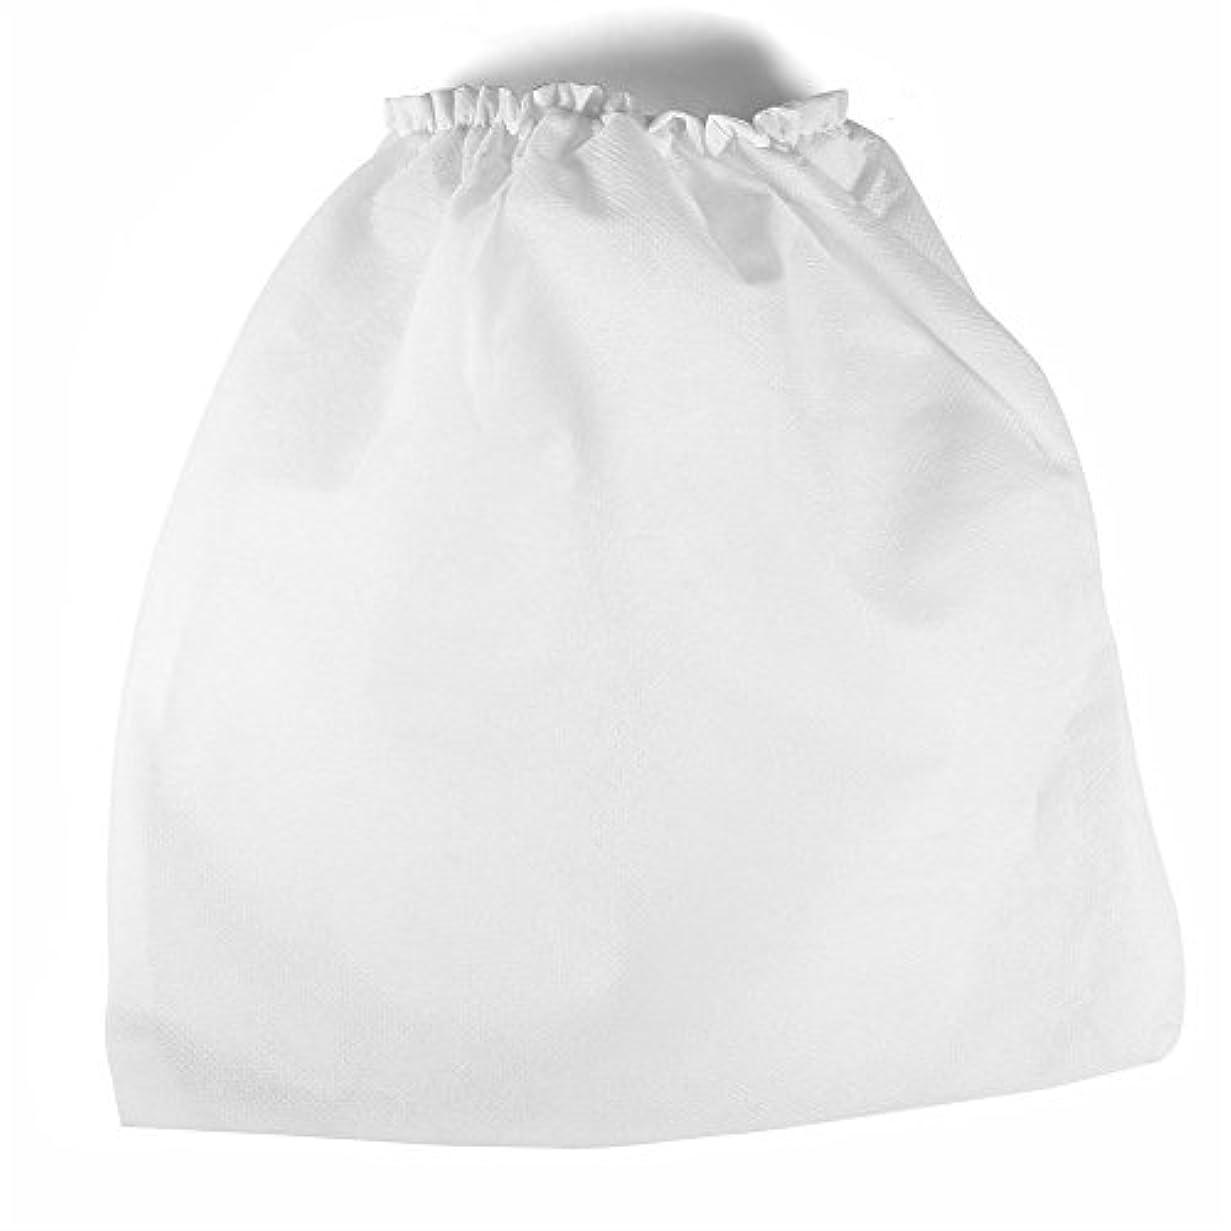 租界動かない自然公園ネイルアート集塵サロンツール用掃除機バッグ10ピースネイル不織布掃除機交換バッグ